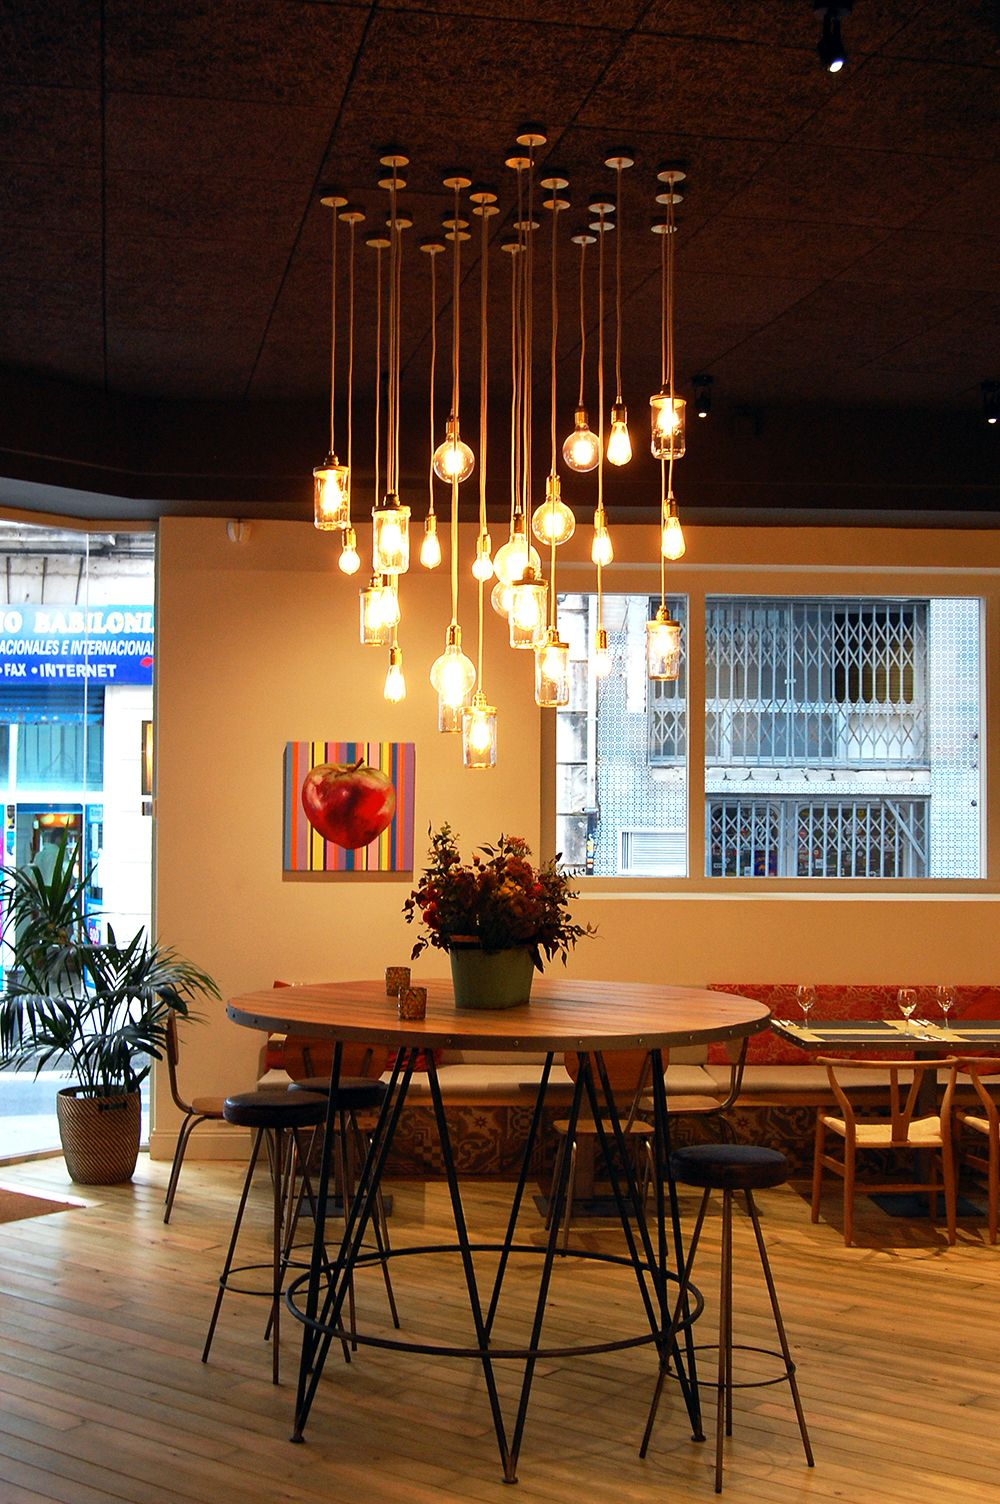 Iluminaci n de restaurante con lamparas de estilo vintage - Lamparas de interiores ...